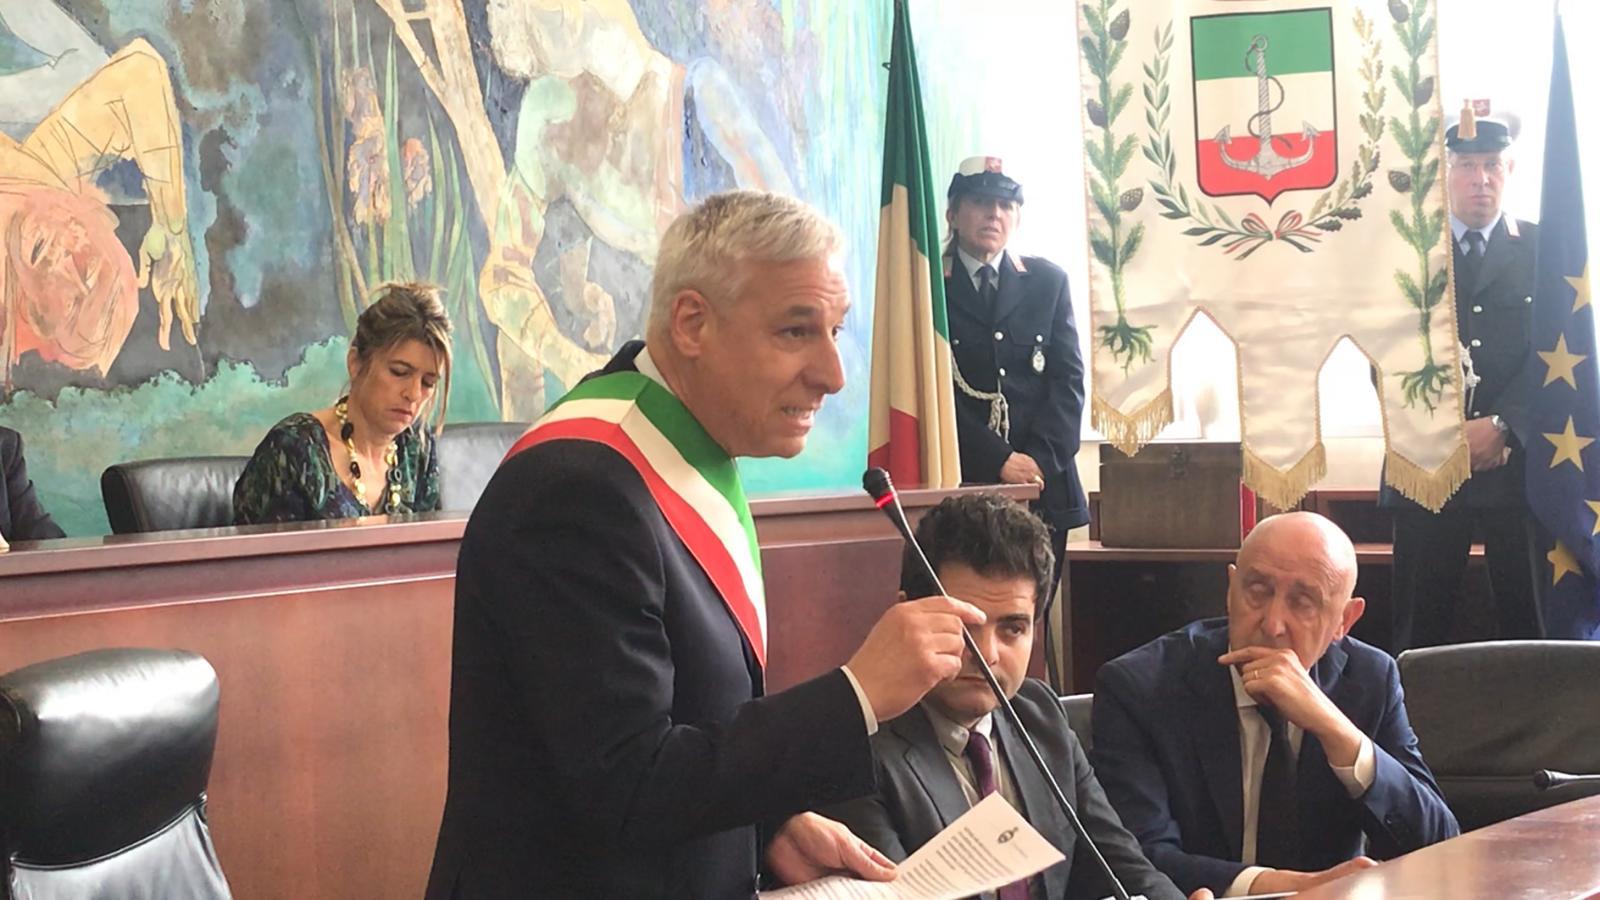 Viareggio approva il bilancio: il sindaco bacchetta i consiglieri disattenti